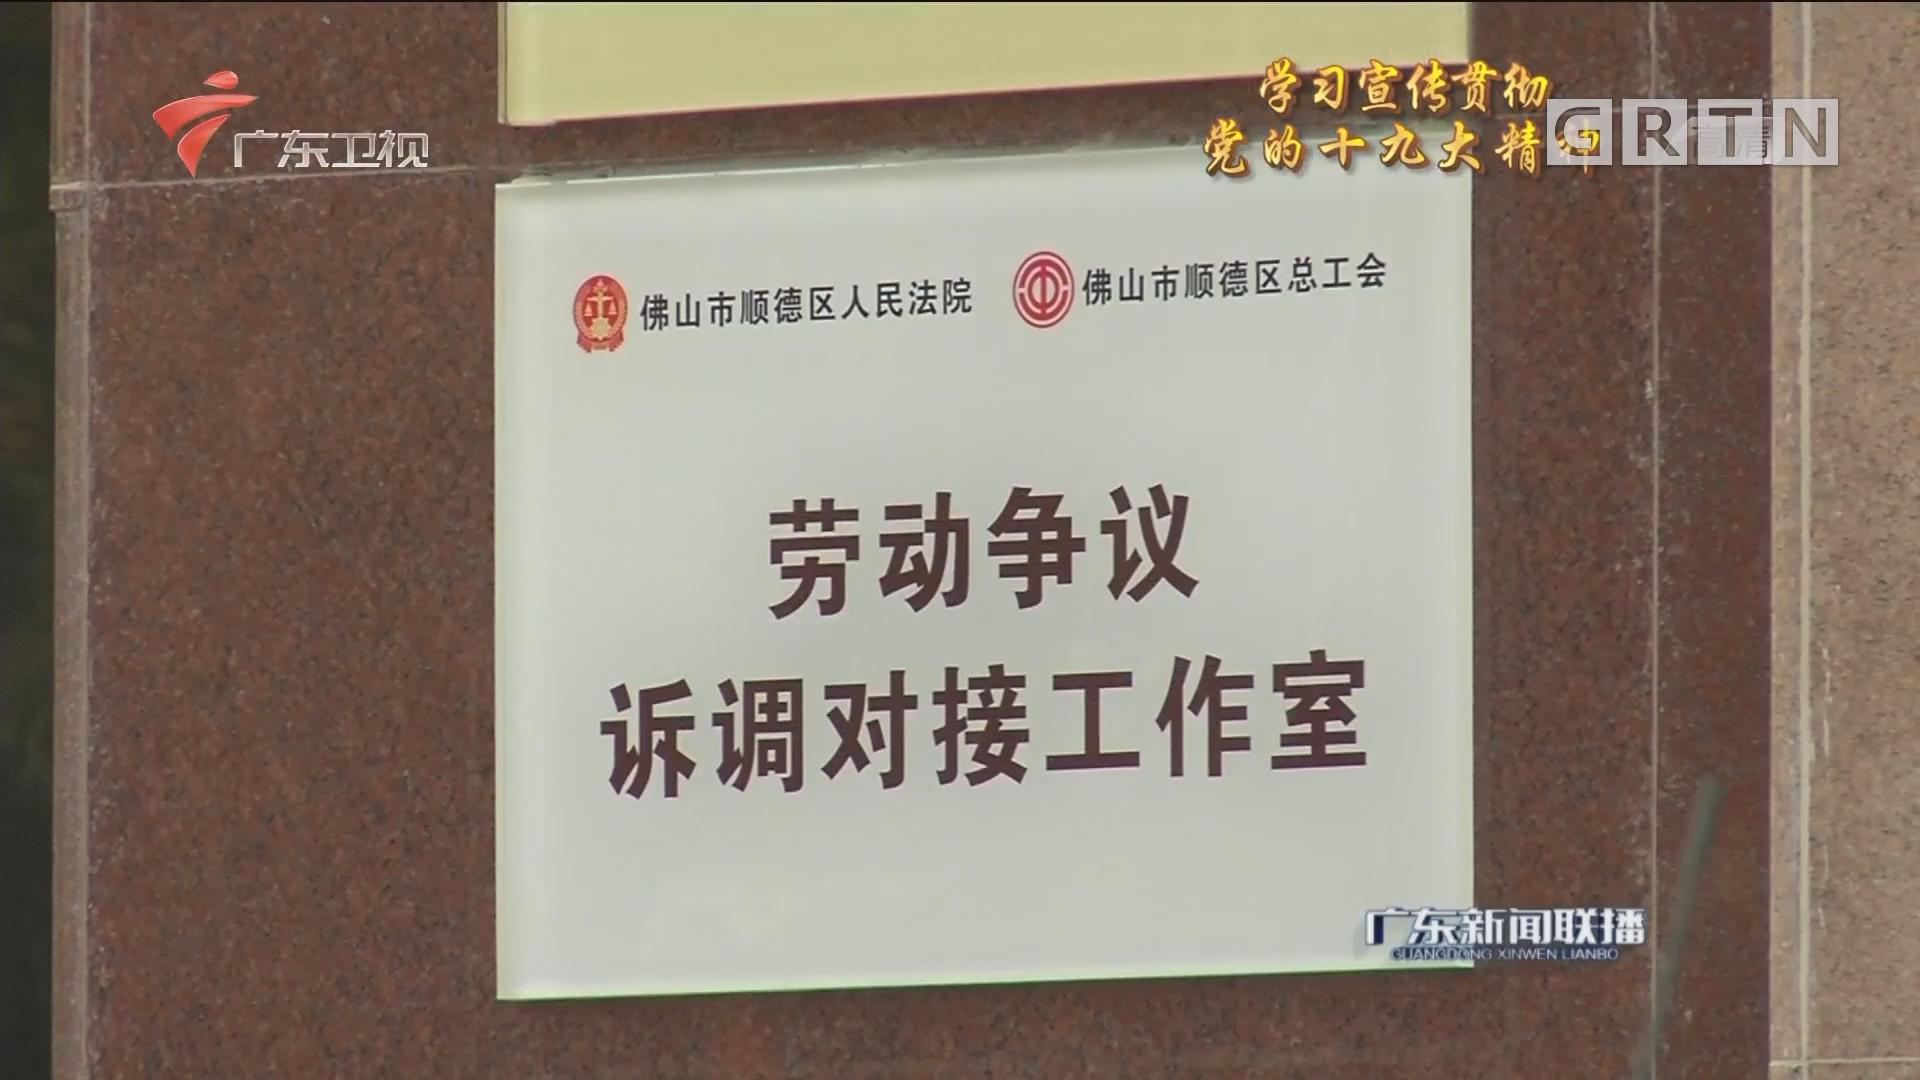 广东省法院:劳动争议找诉调 巧化矛盾在基层